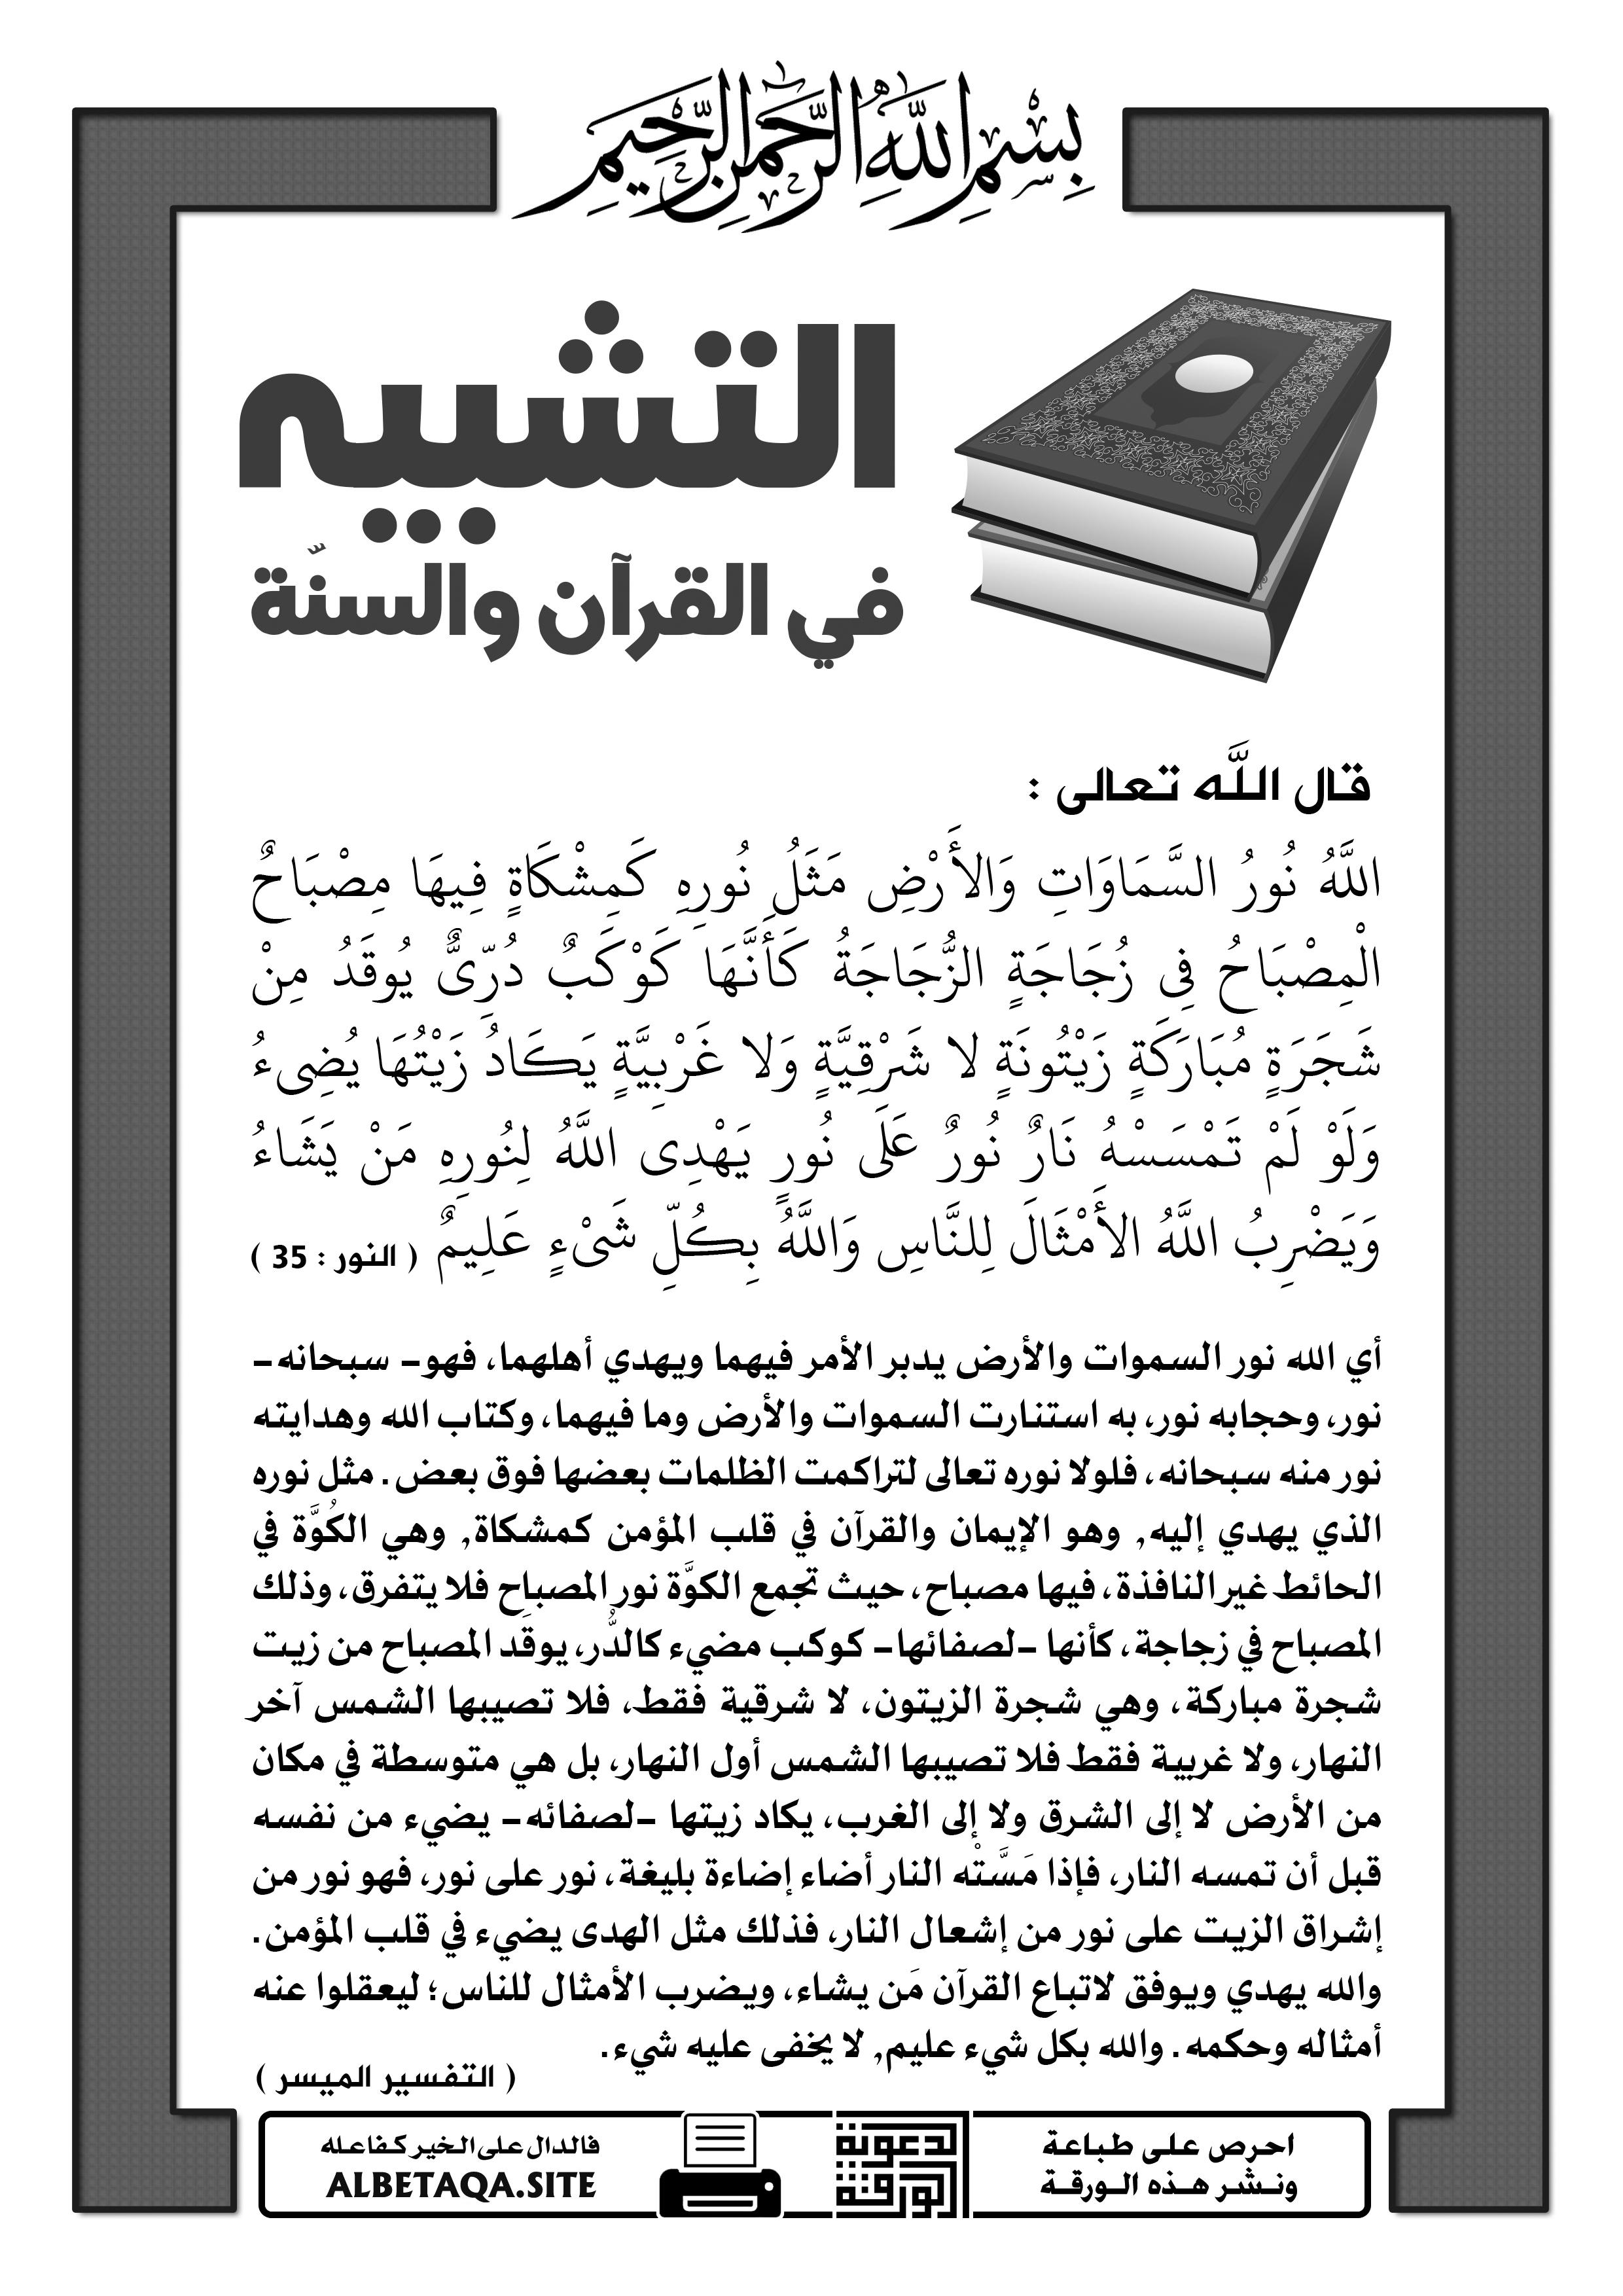 التشبيه في القرآن والسنة مثل نوره كمشكاة فيها مصباح موقع البطاقة الدعوي